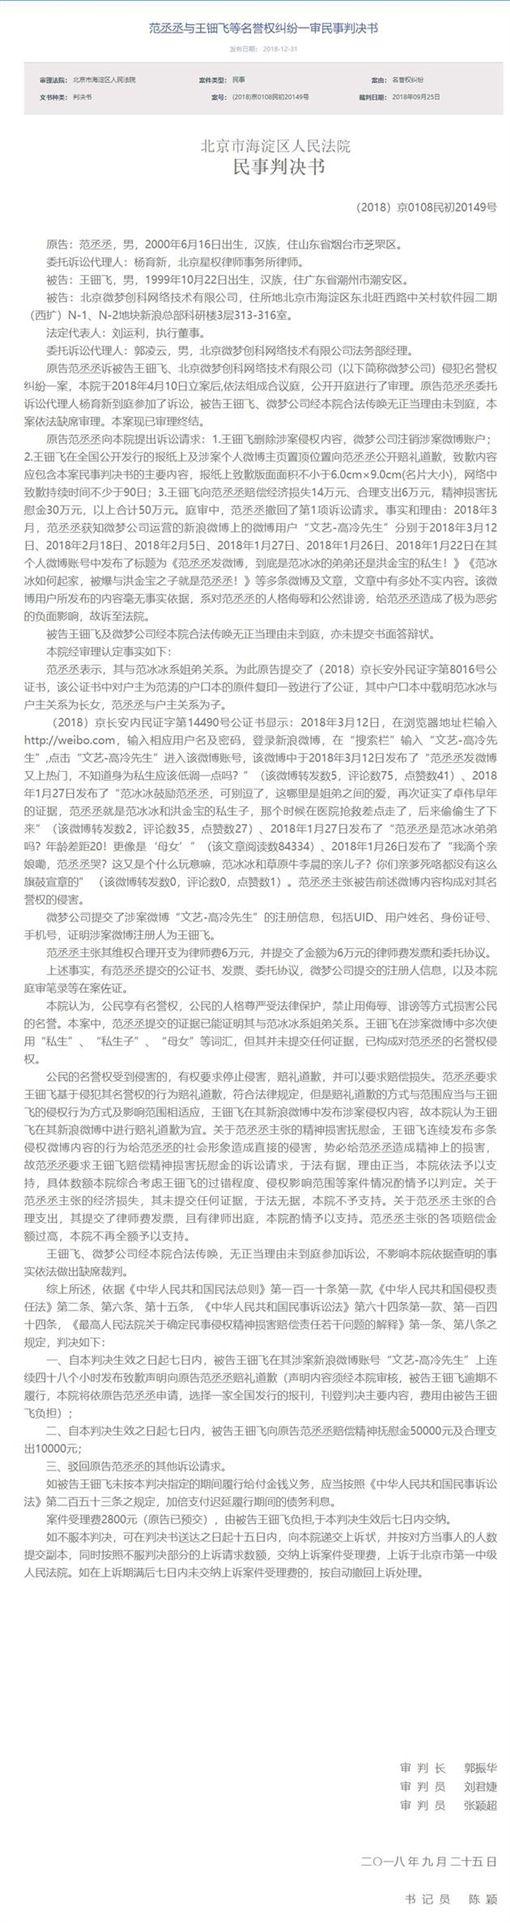 范丞丞告網友/翻攝自新浪娛樂微博